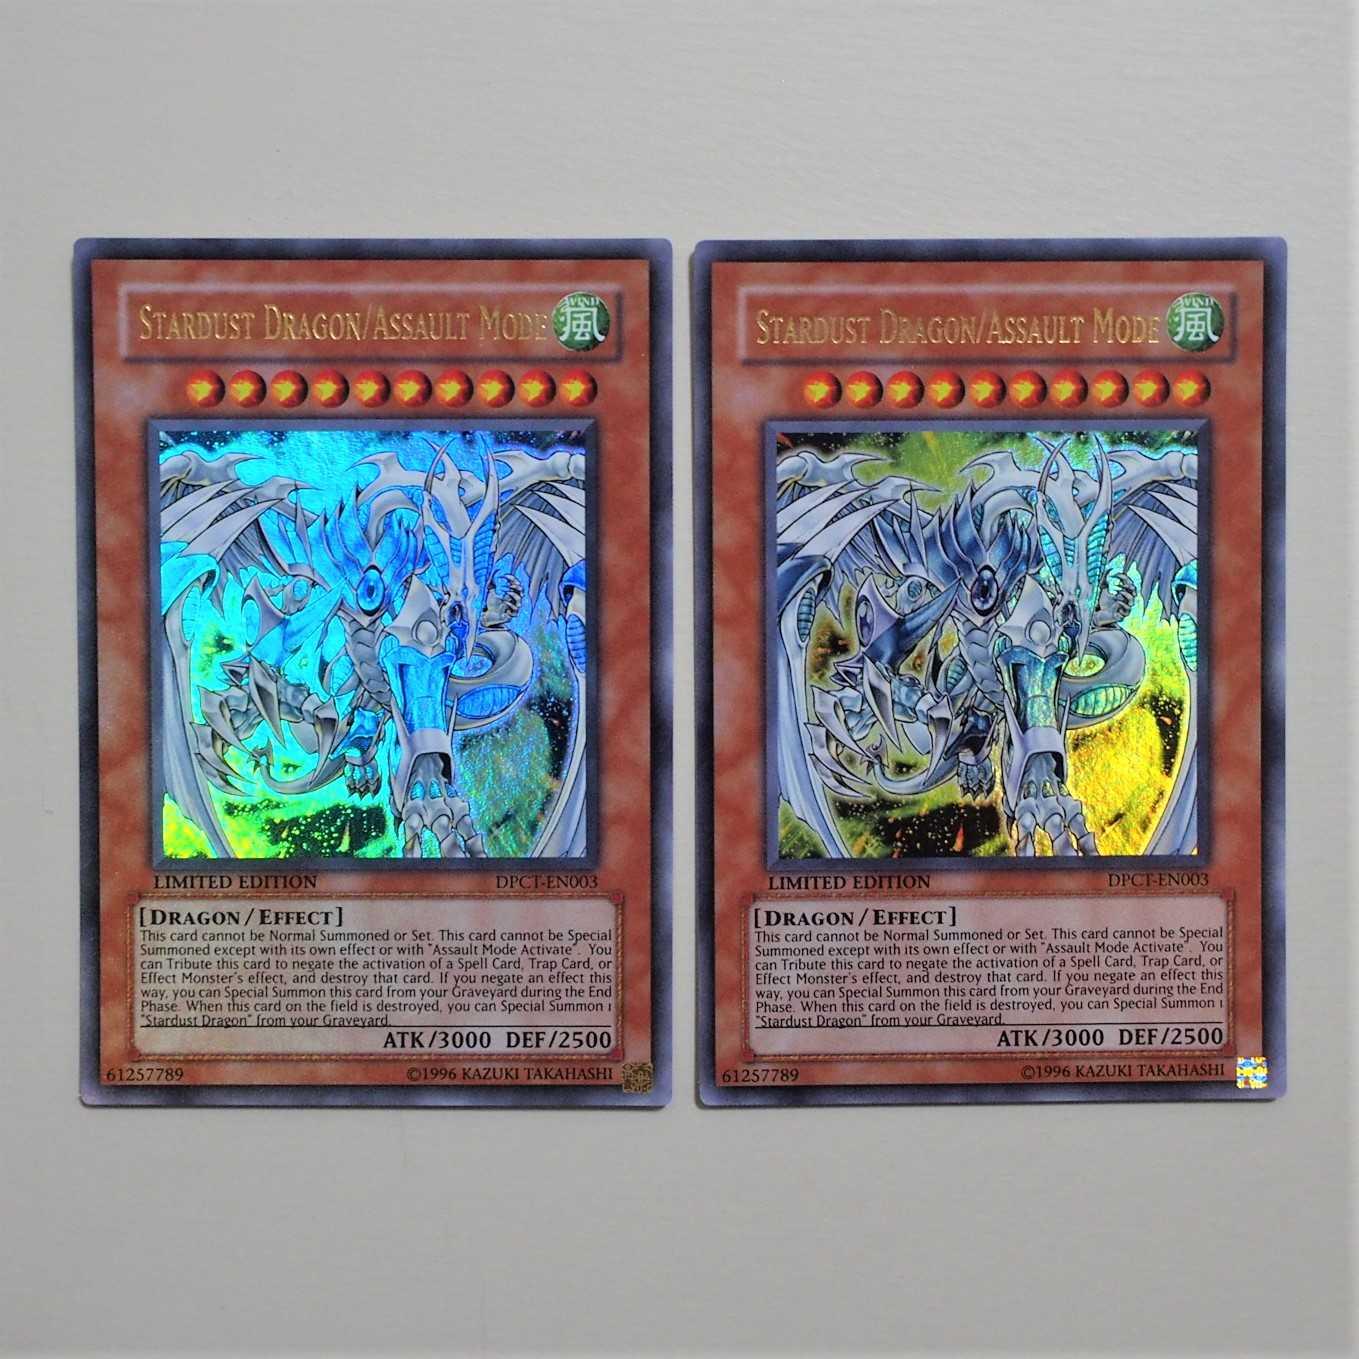 遊戯王 英語版 スターダスト・ドラゴン/バスター UR 2枚 DPCT